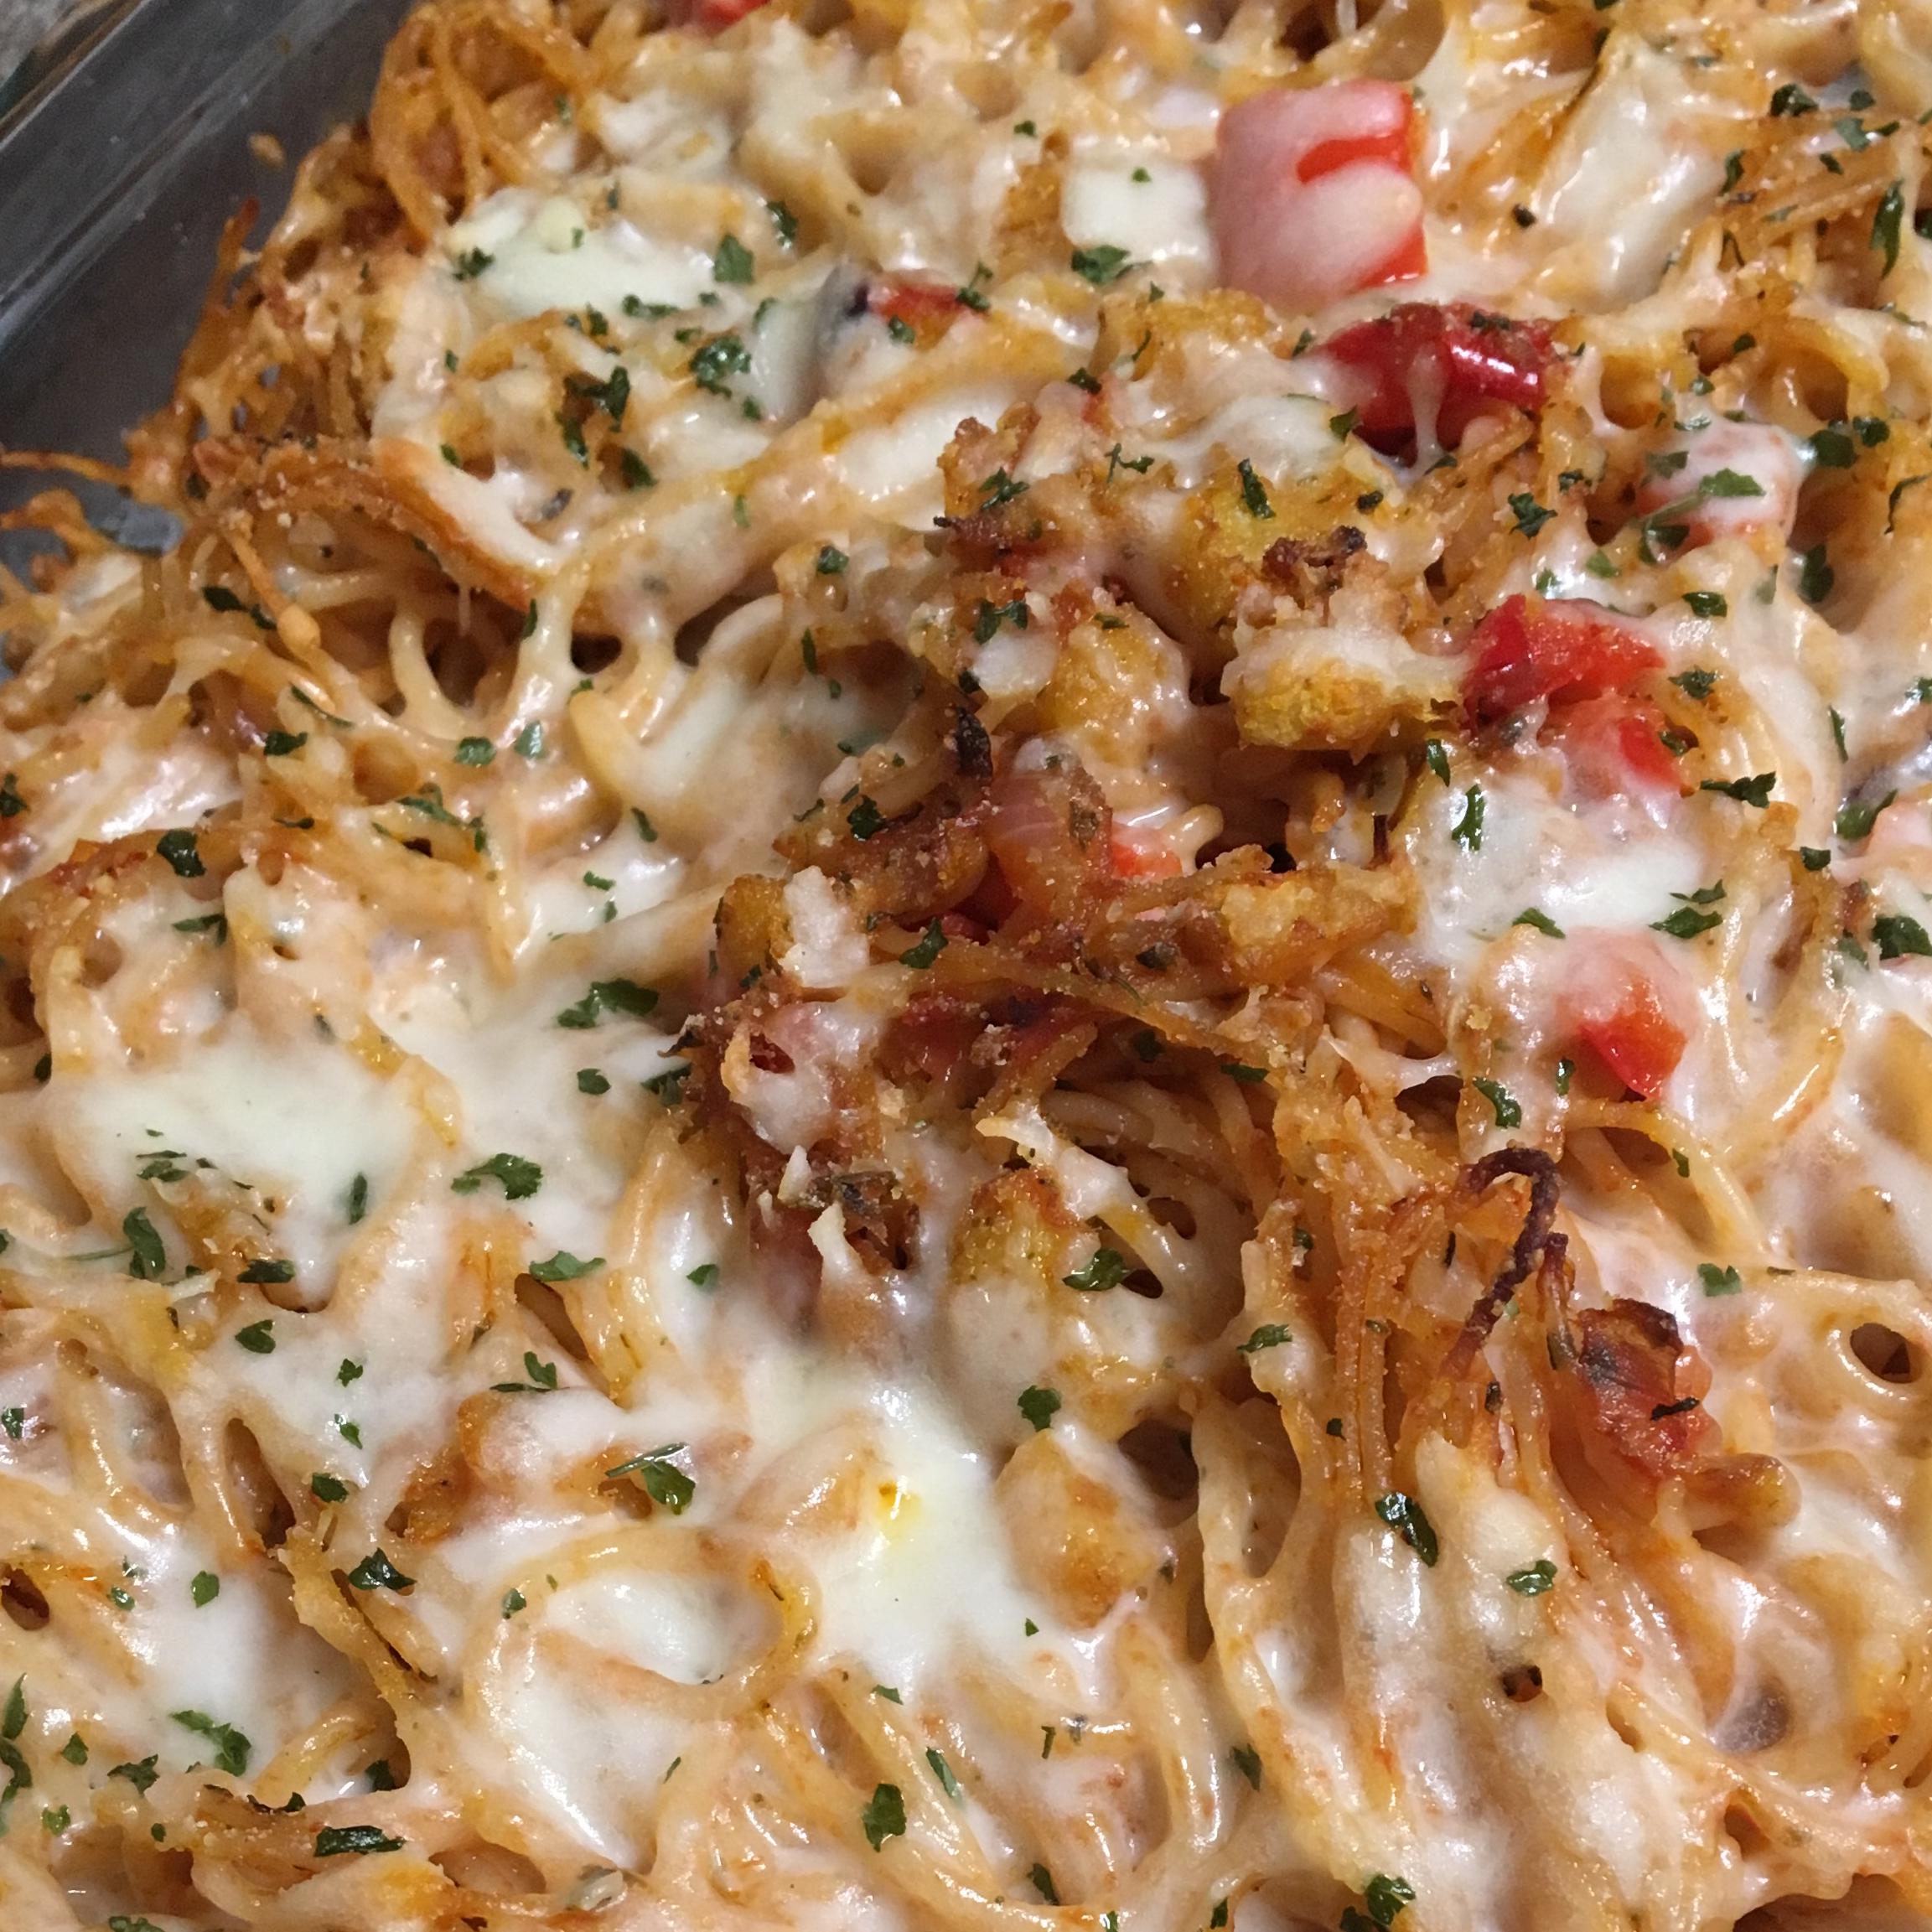 Contadina(R) Garden Vegetable Pasta Bake